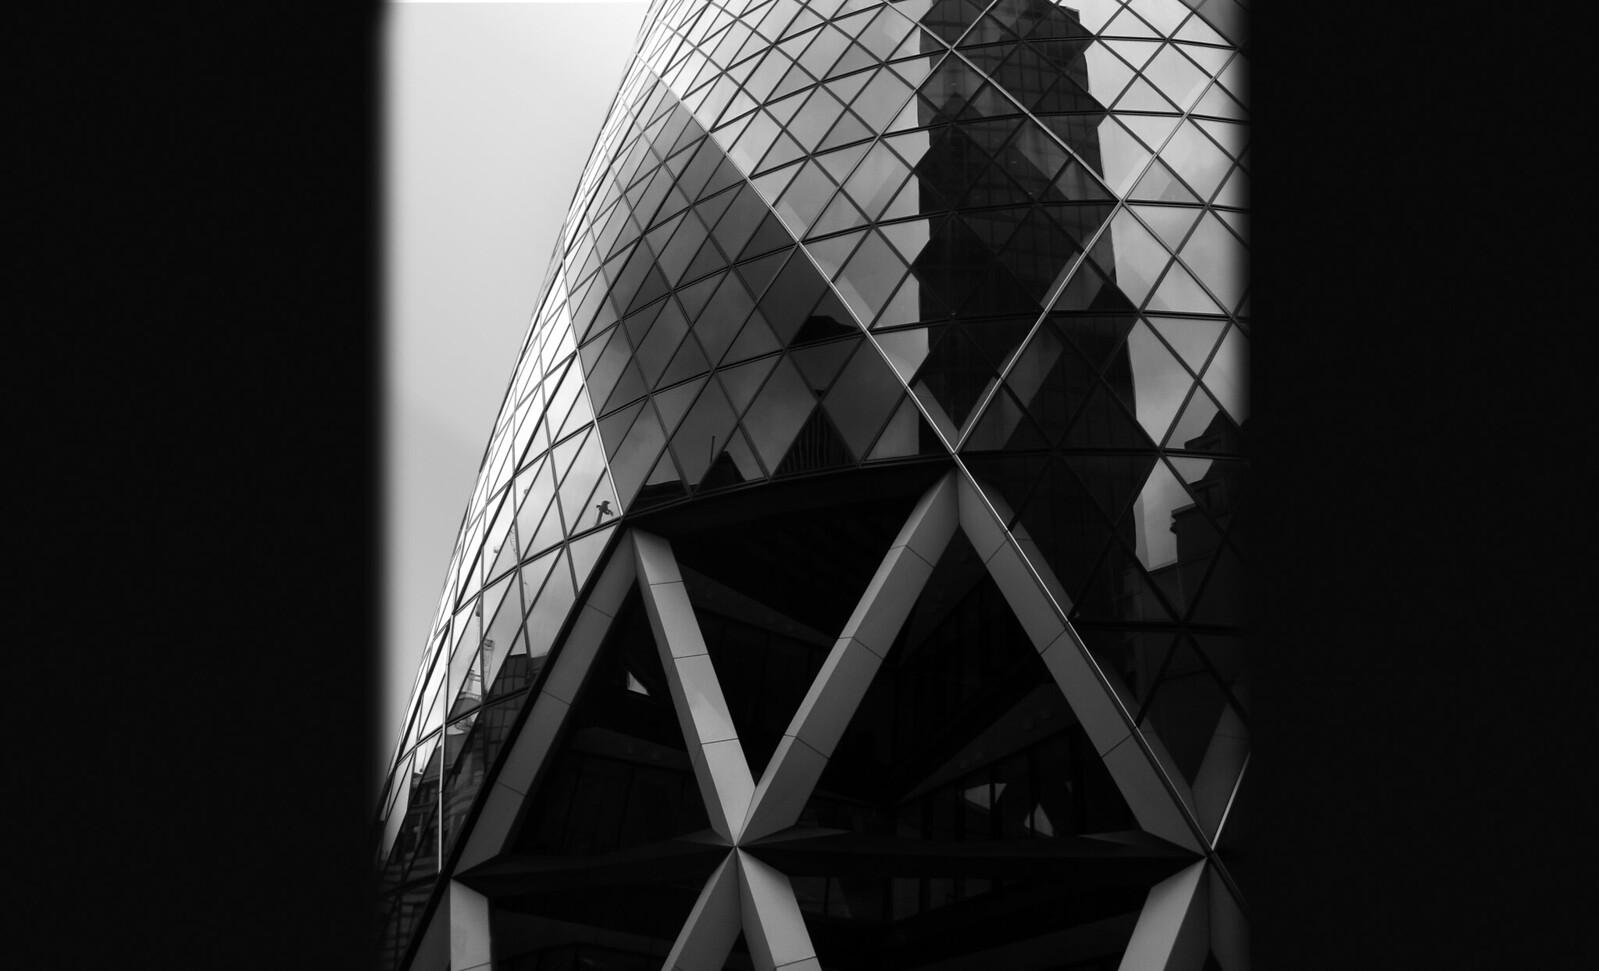 London 173